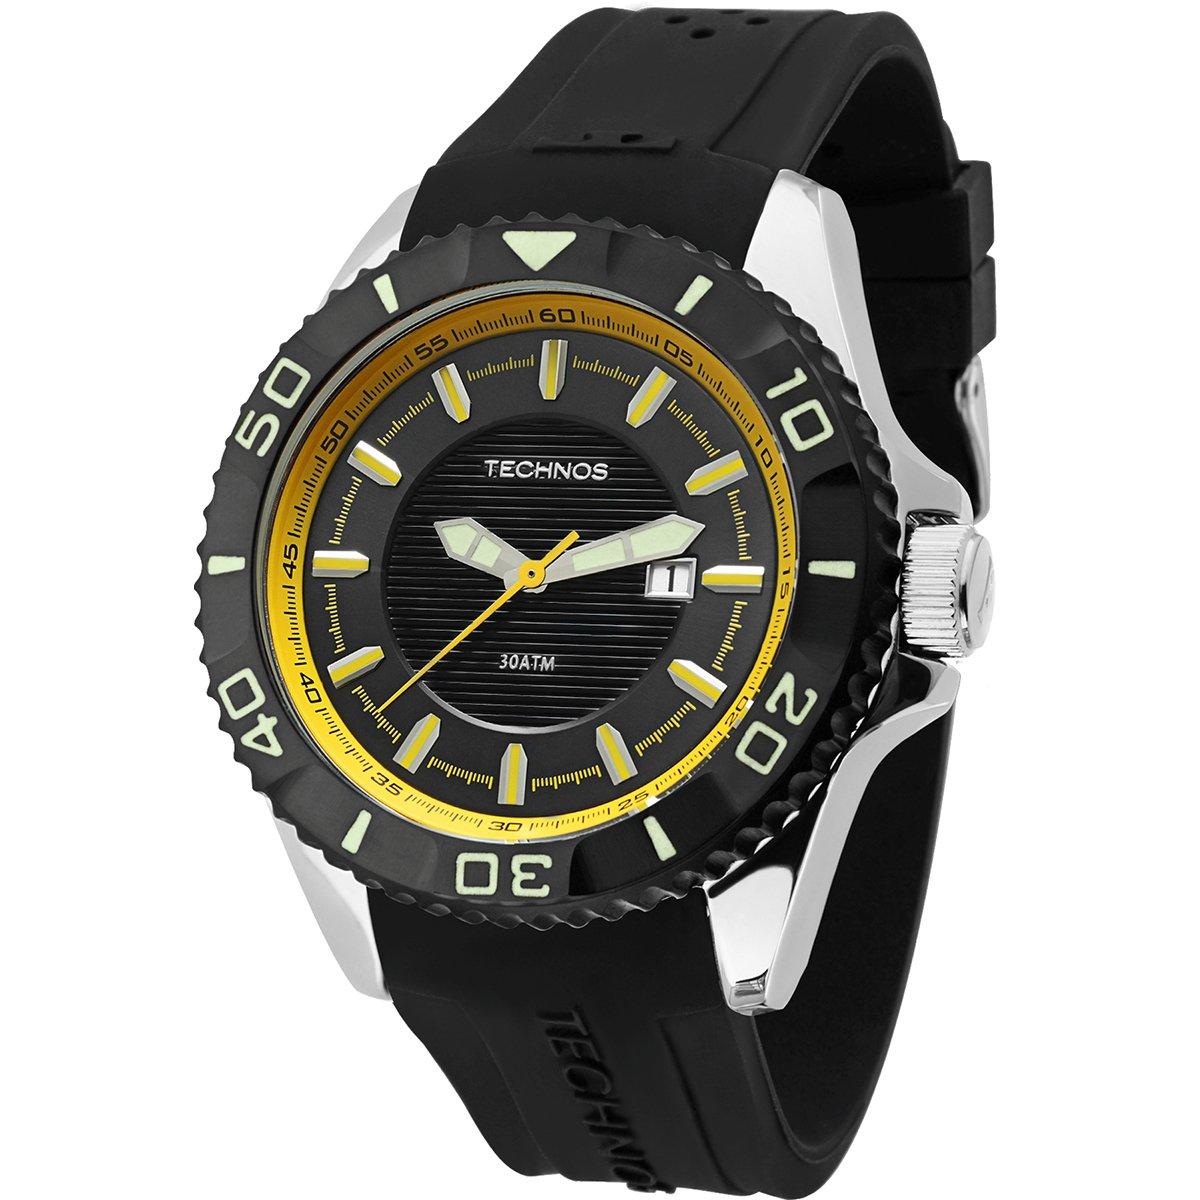 8d9495e5c51 Relógio Technos Performance Acqua. Relógio Technos Performance Acqua - Preto +Prata